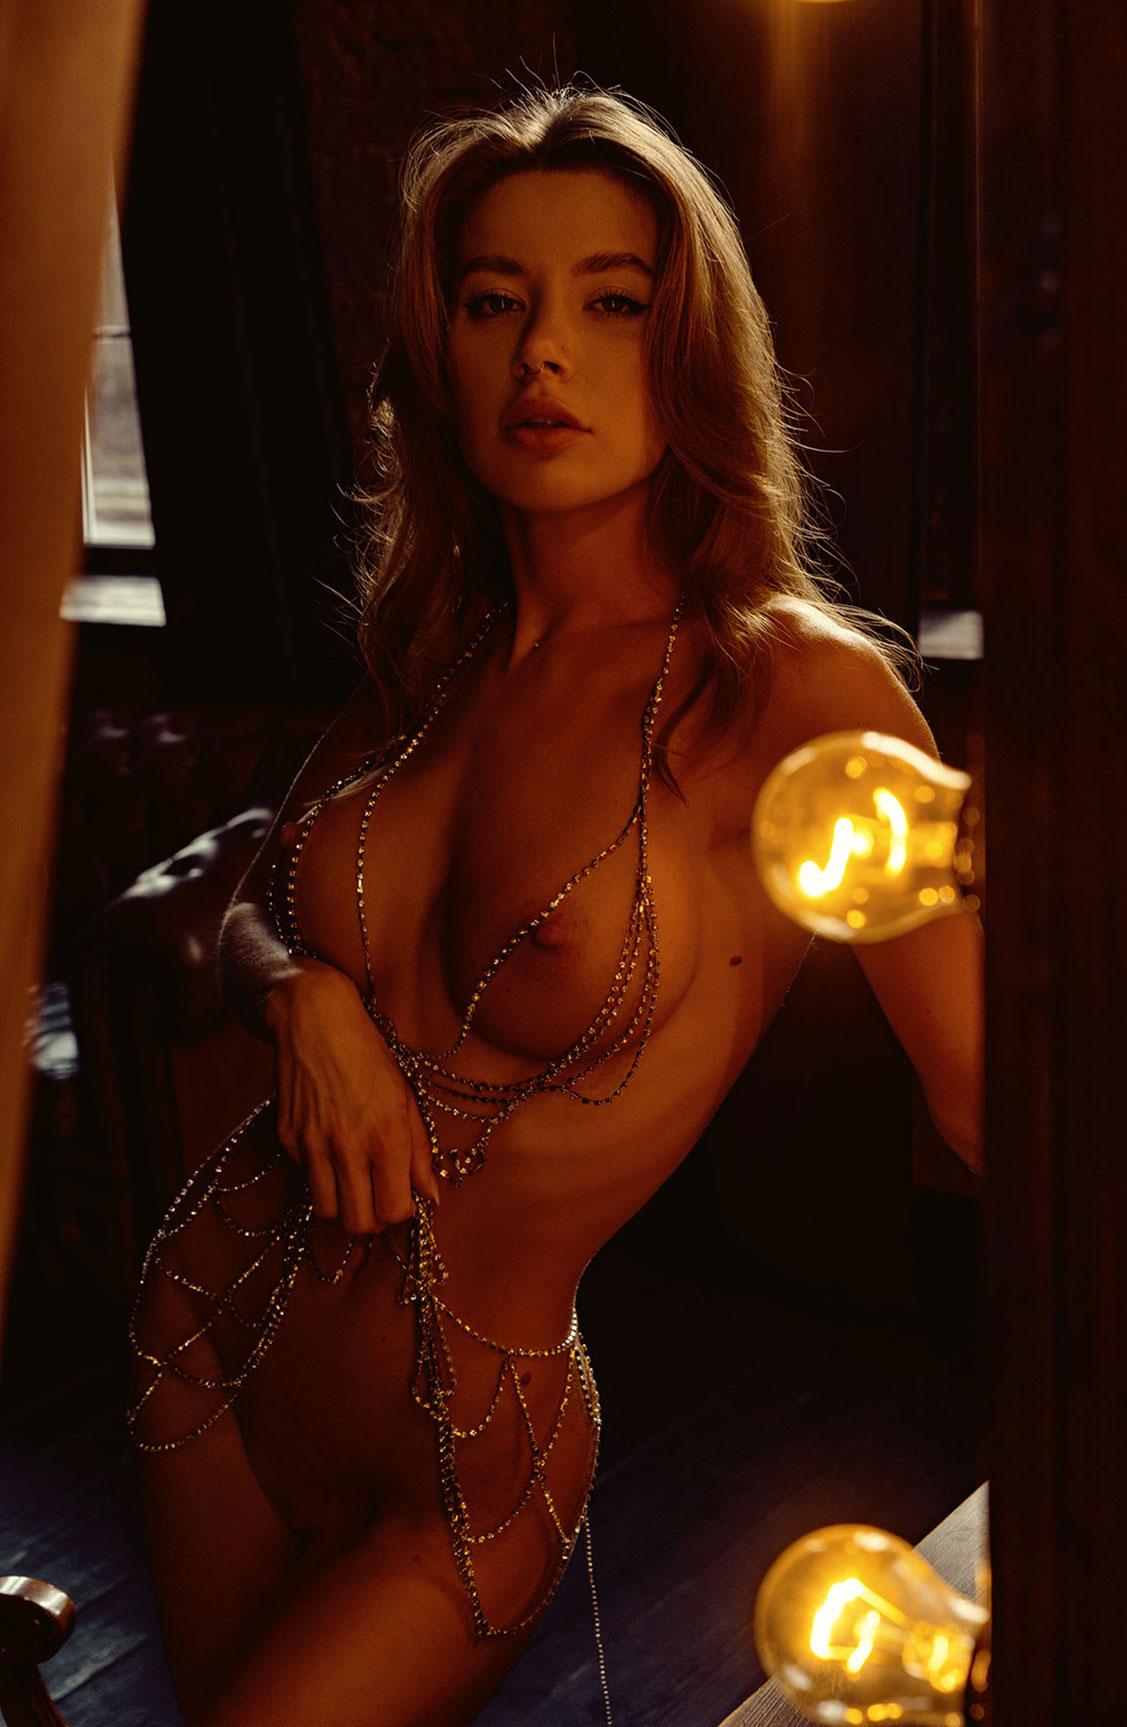 Сексуальная голая девушка в драгоценных цепях / фото 21